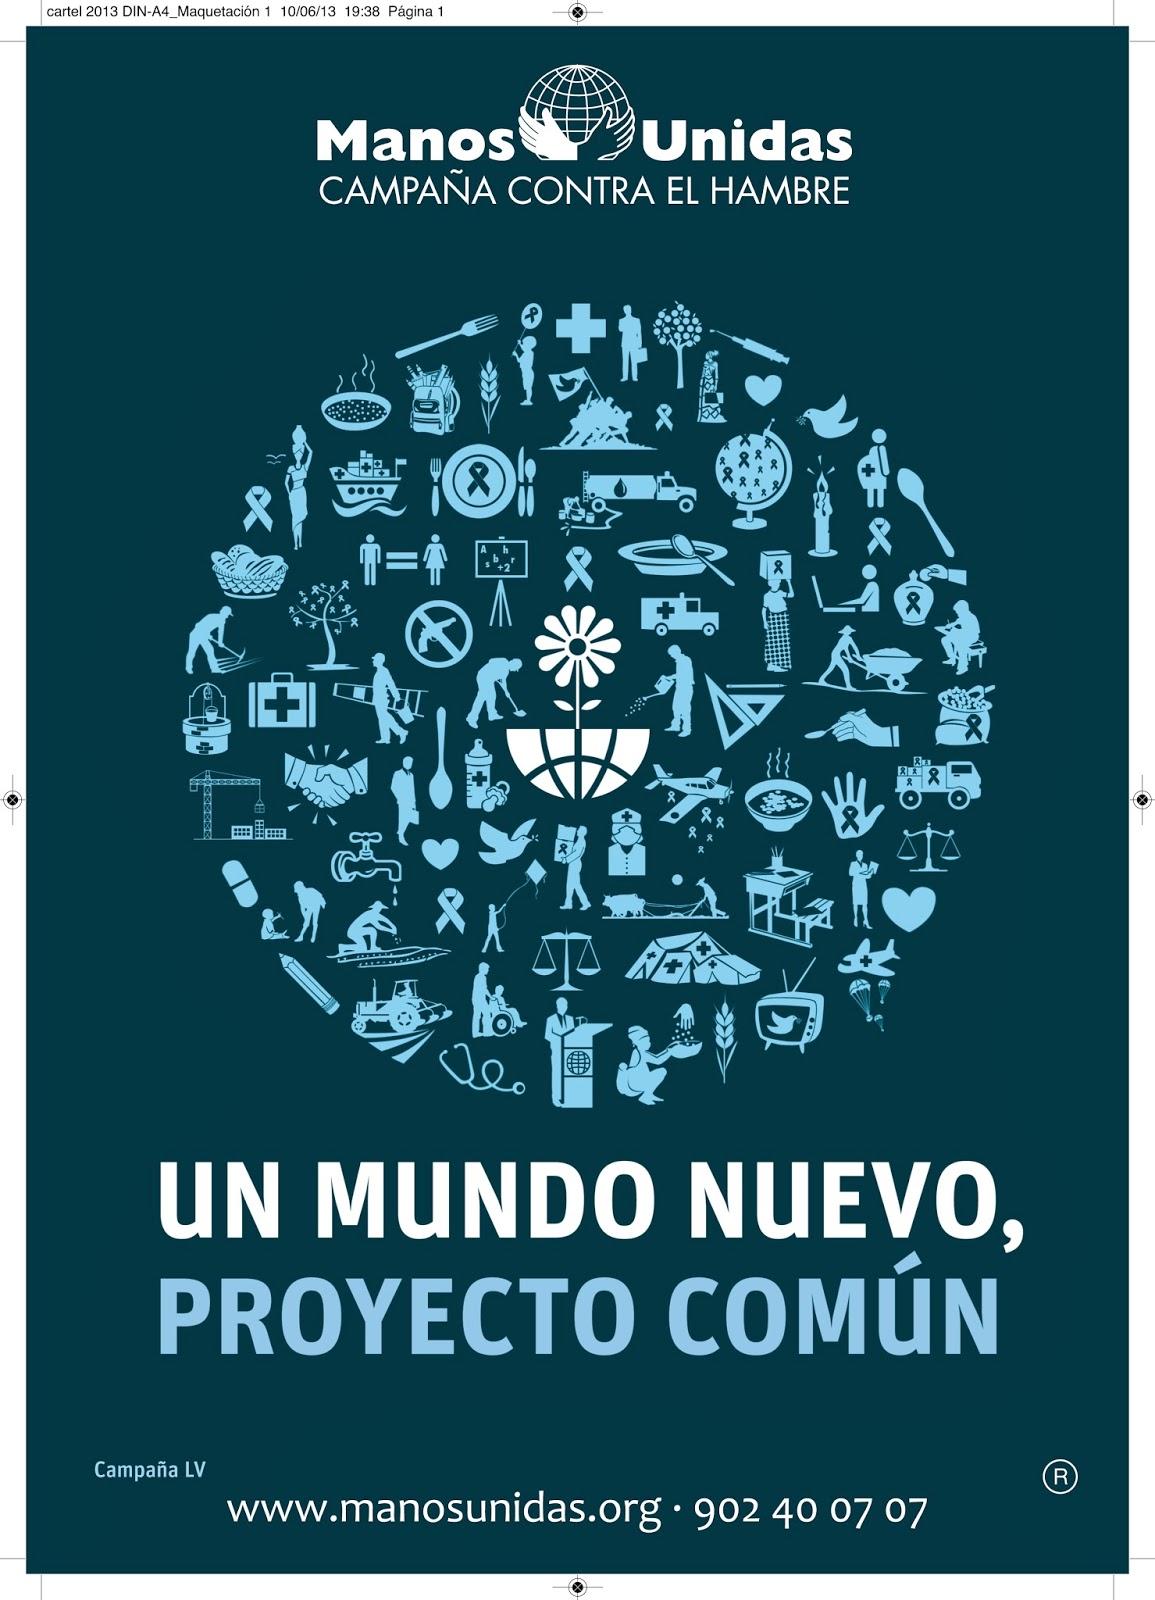 http://www.manosunidas.org/web_asturias/web_asturias2008.htm